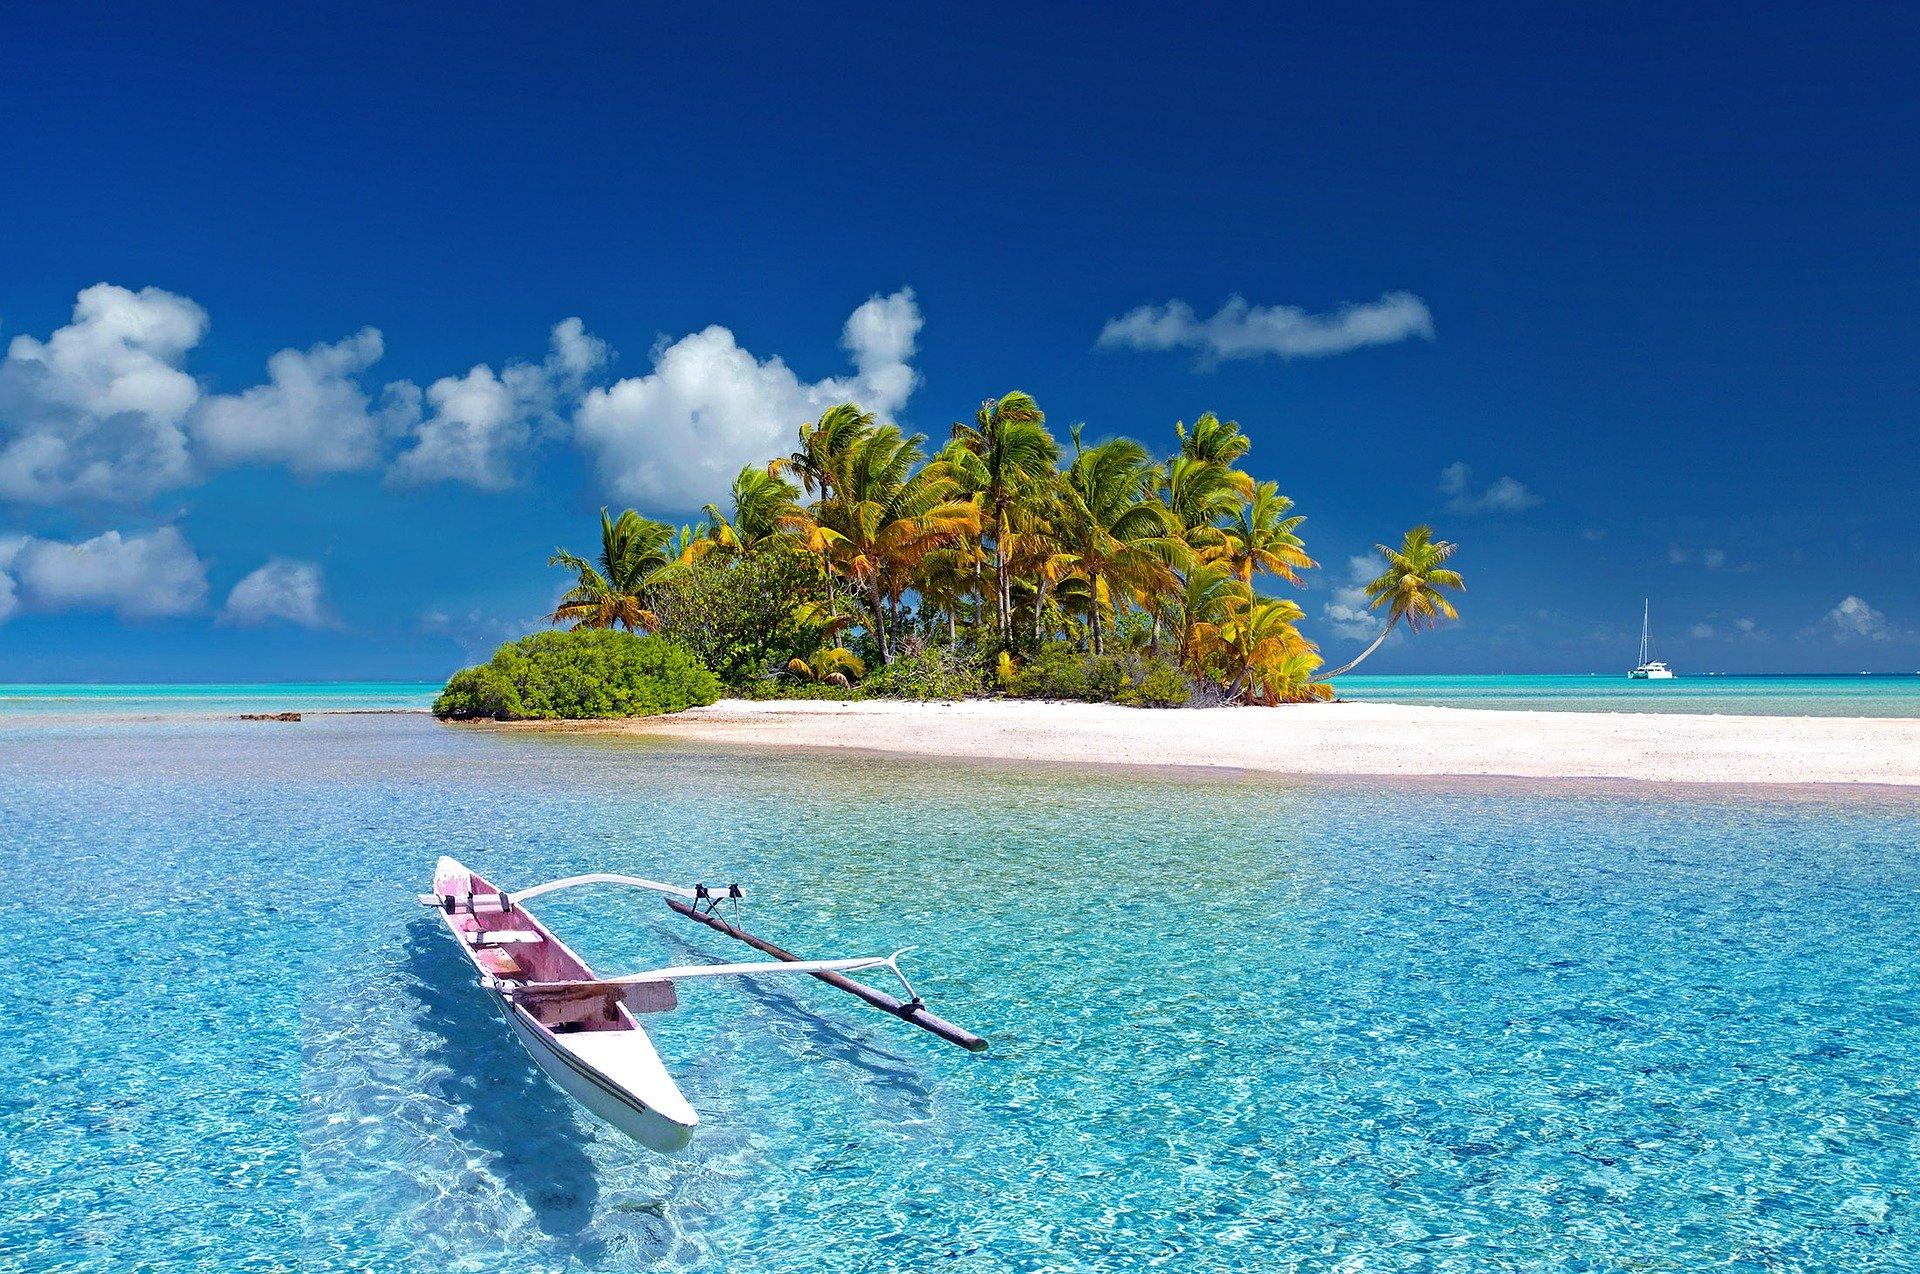 isola polinesia Il mio viaggio in Giappone traveltherapists blog giappone elina e marzia blogger miglior blog di viaggio